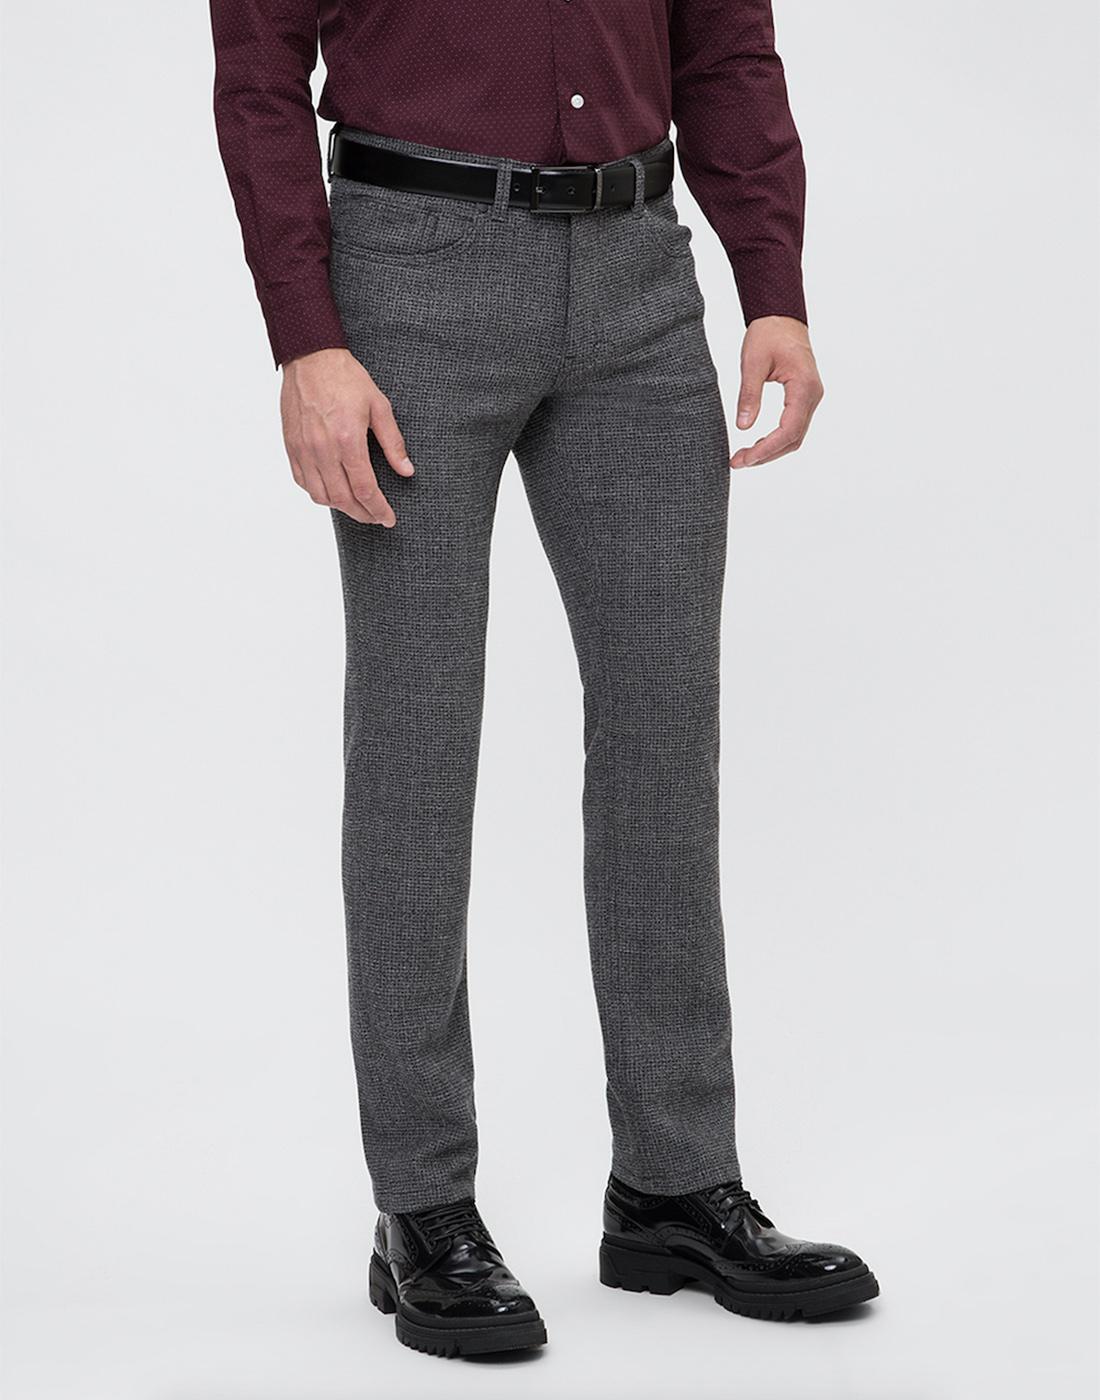 Мужские серые шерстяные брюки Hiltl  S12446 16 33580-3